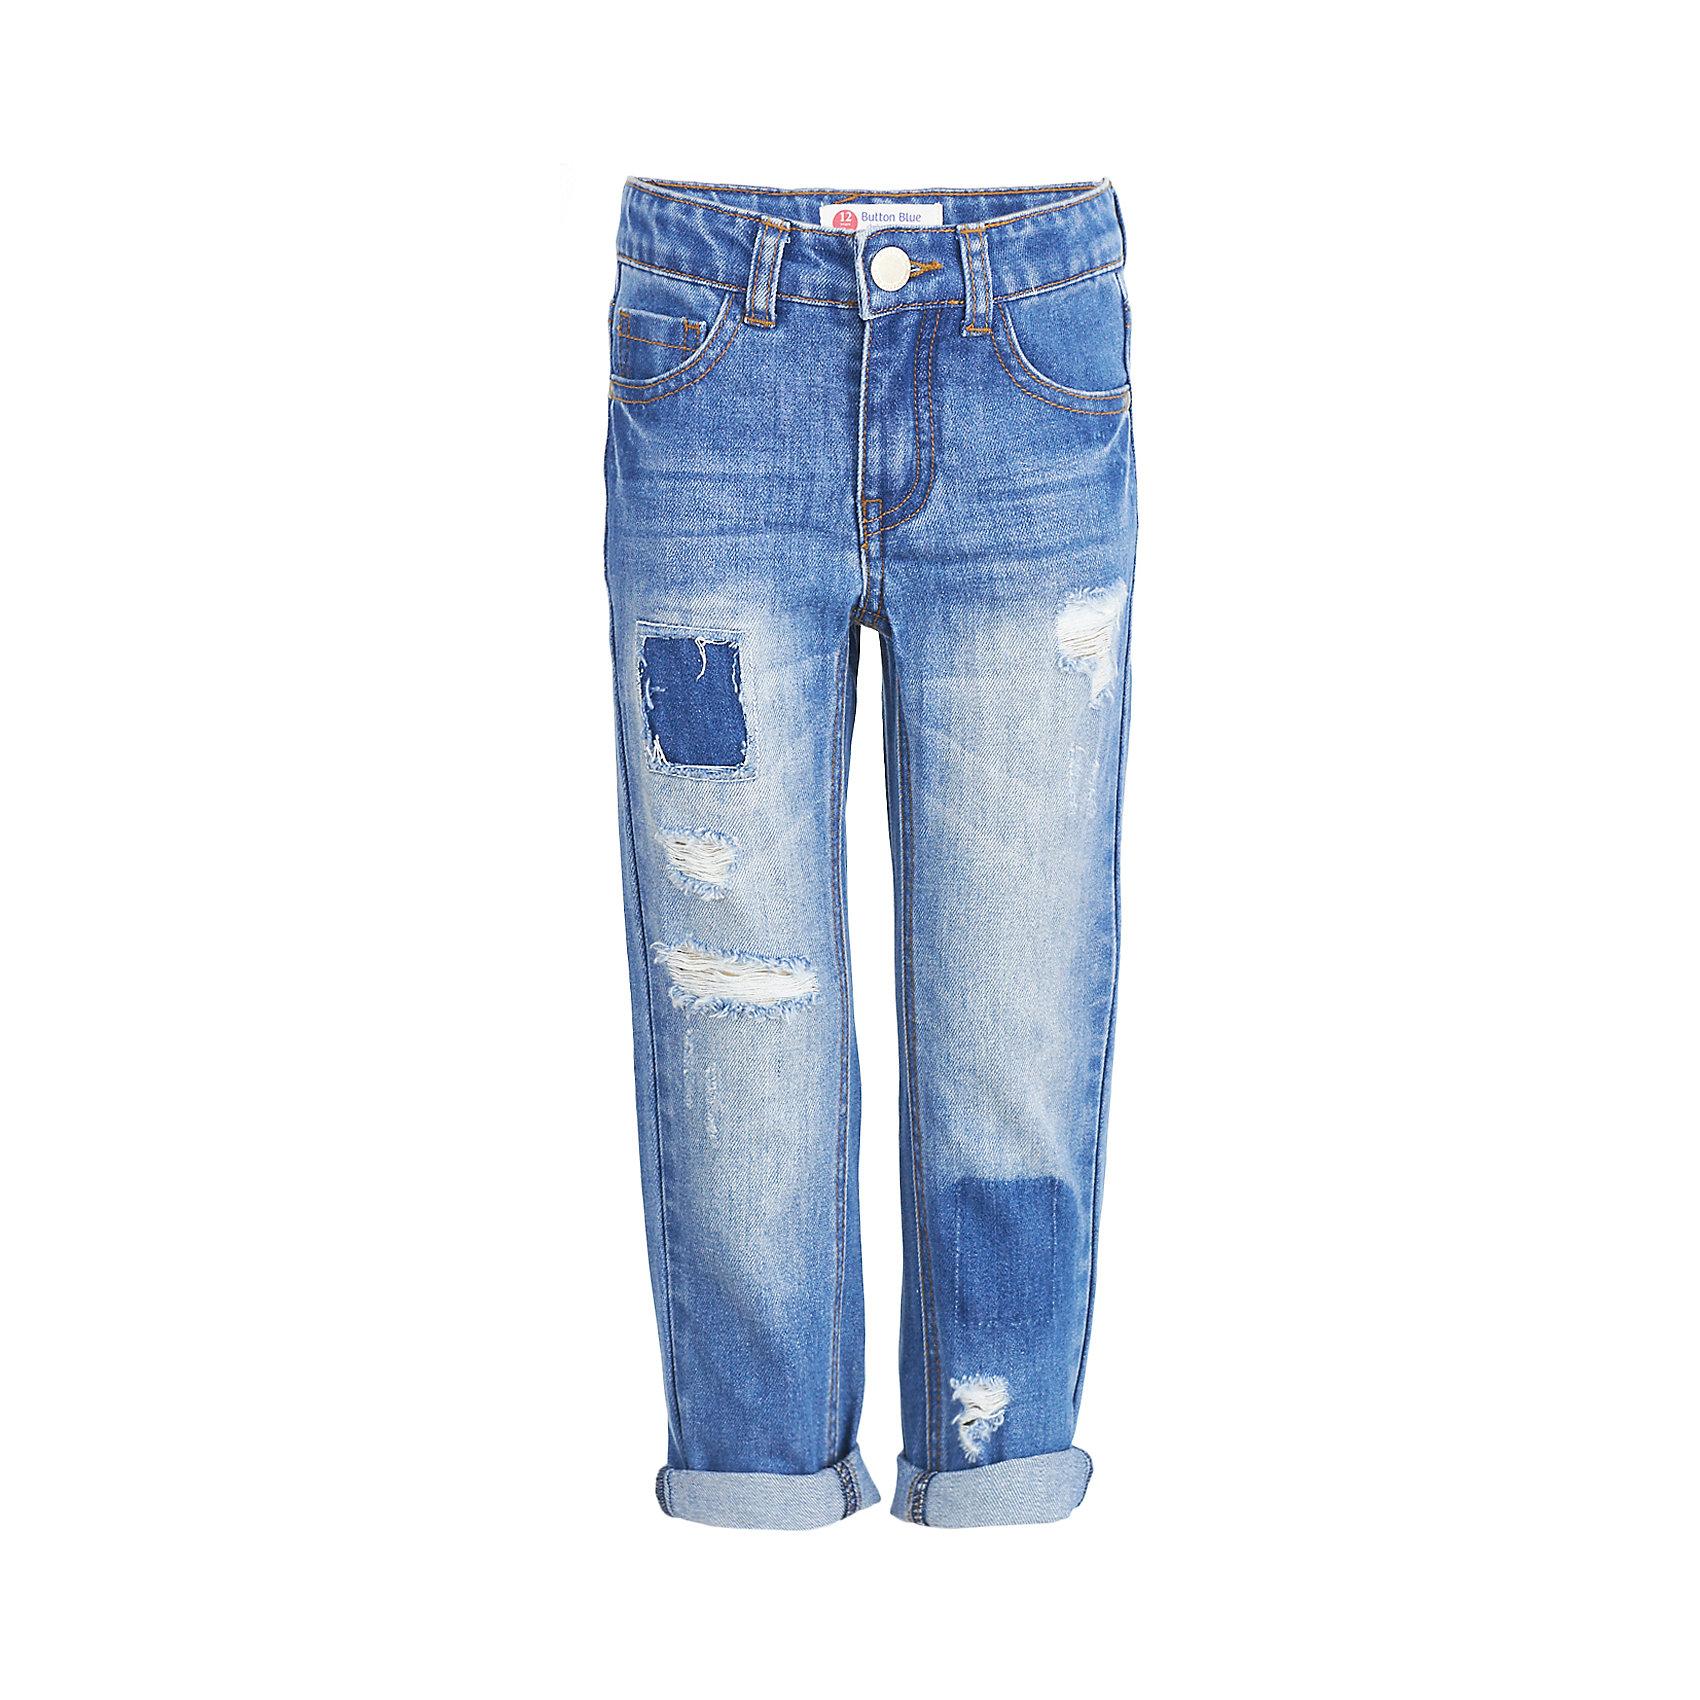 Джинсы BUTTON BLUE для мальчикаДжинсы<br>Джинсы BUTTON BLUE для мальчика<br>Синие джинсы прямого силуэта с потертостями, повреждениями и варкой  — основа модного и функционального повседневного гардероба ребенка! Хорошая форма, удобная посадка на фигуре подарят мальчику комфорт, свободу движений и уверенность в себе. Если вы хотите купить недорогие детские джинсы отличного качества, модель от Button Blue - прекрасный вариант!<br>Состав:<br>100% хлопок<br><br>Ширина мм: 215<br>Глубина мм: 88<br>Высота мм: 191<br>Вес г: 336<br>Цвет: темно-синий<br>Возраст от месяцев: 84<br>Возраст до месяцев: 96<br>Пол: Мужской<br>Возраст: Детский<br>Размер: 128,122,116,110,104,98,158,152,146,140,134<br>SKU: 7038797